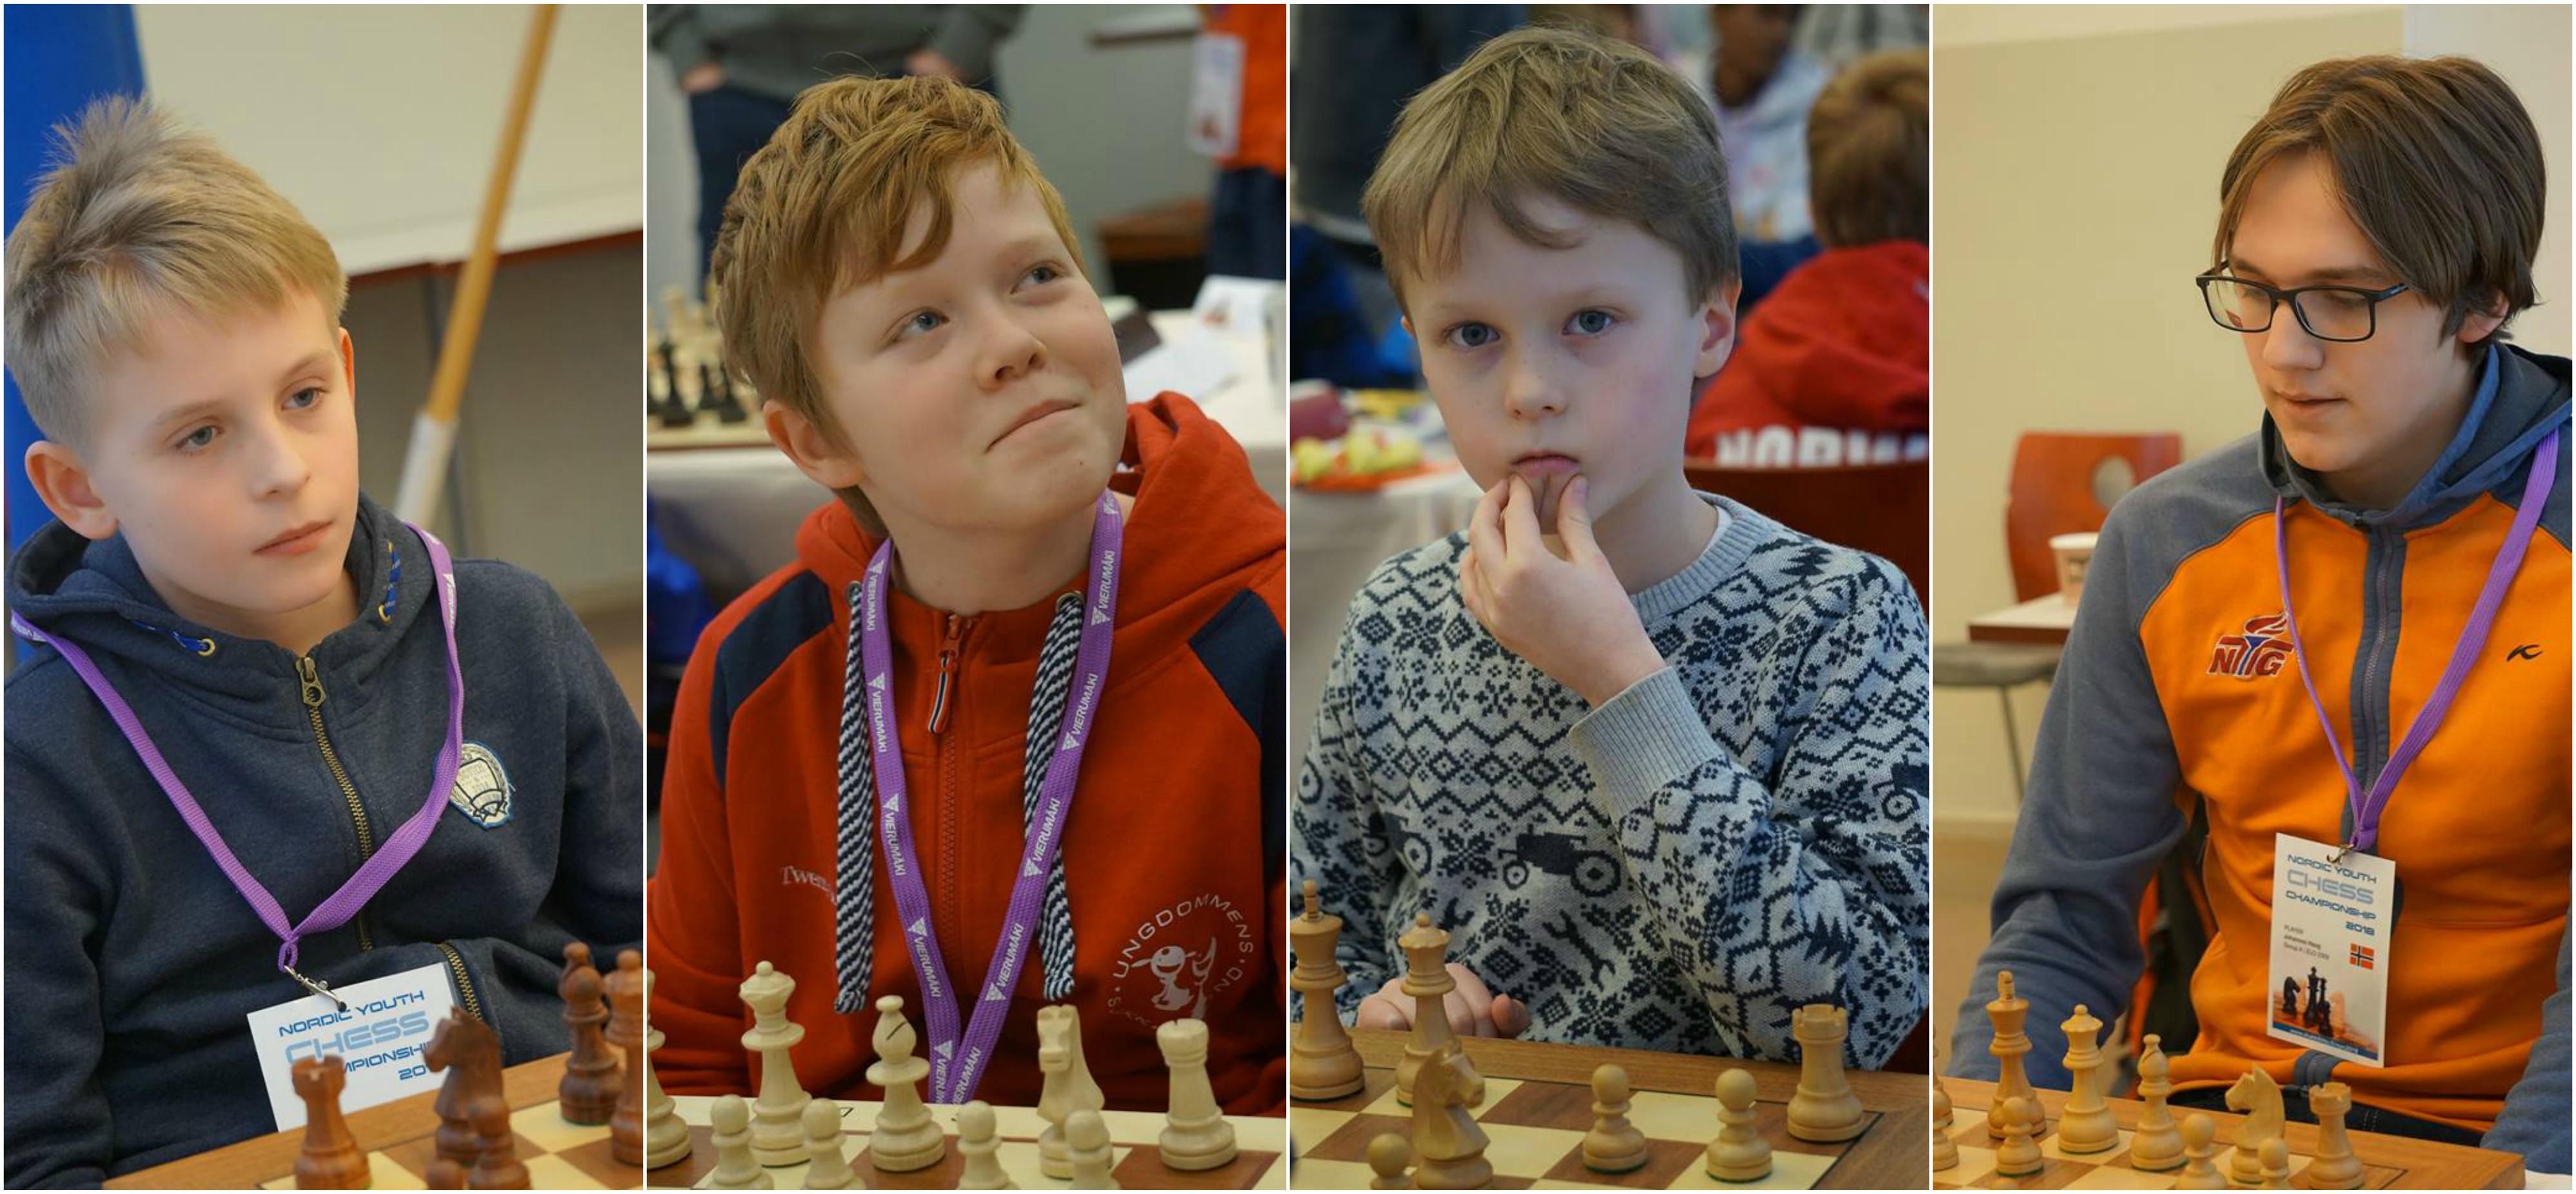 hvordan vi spiller sjakk